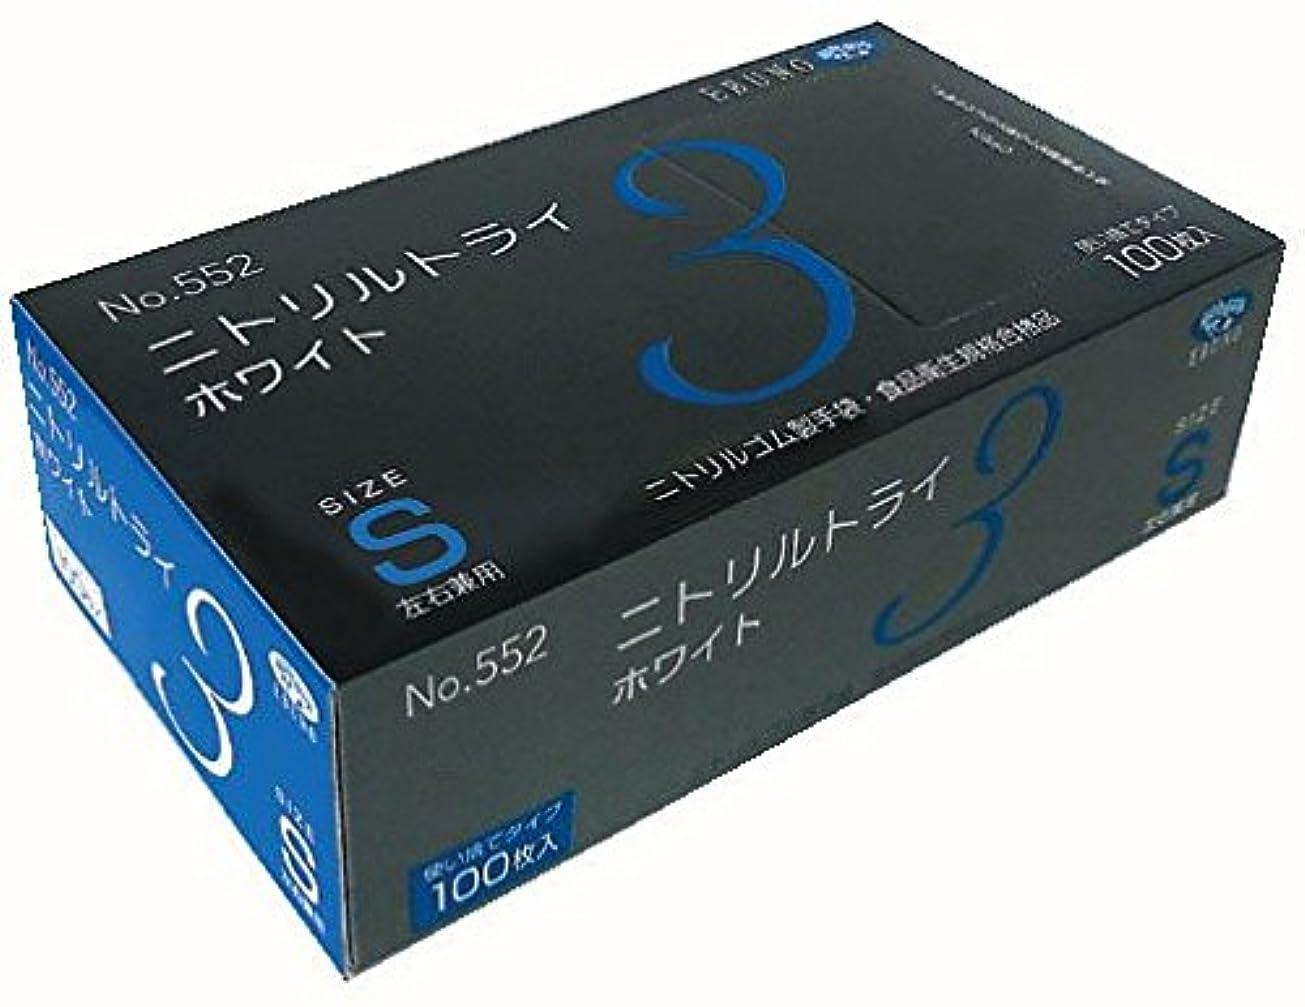 前文バリア熟したニトリルトライ3 No.552 ホワイト 粉付 Sサイズ 100枚入